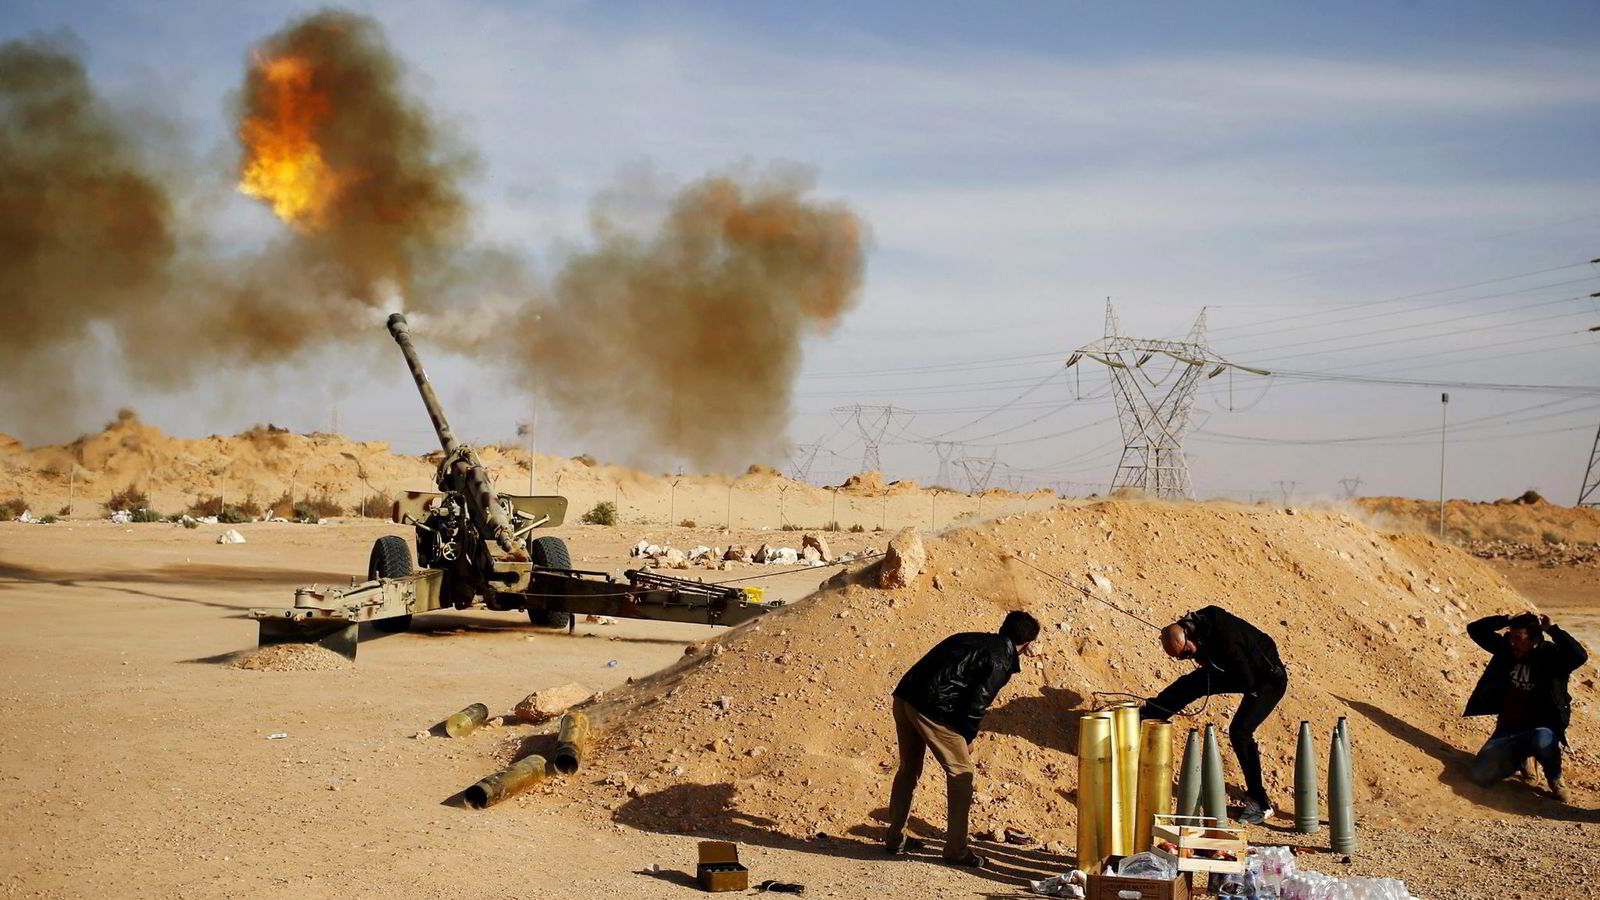 Libyske styrker har lenge kjempet for å beholde kontrollen over Sirte. Byen ligger strategisk til ved seks av Libyas eksportterminaler for olje og gass. Foto: Goran Tomasevic/Reuters/NTB Scanpix